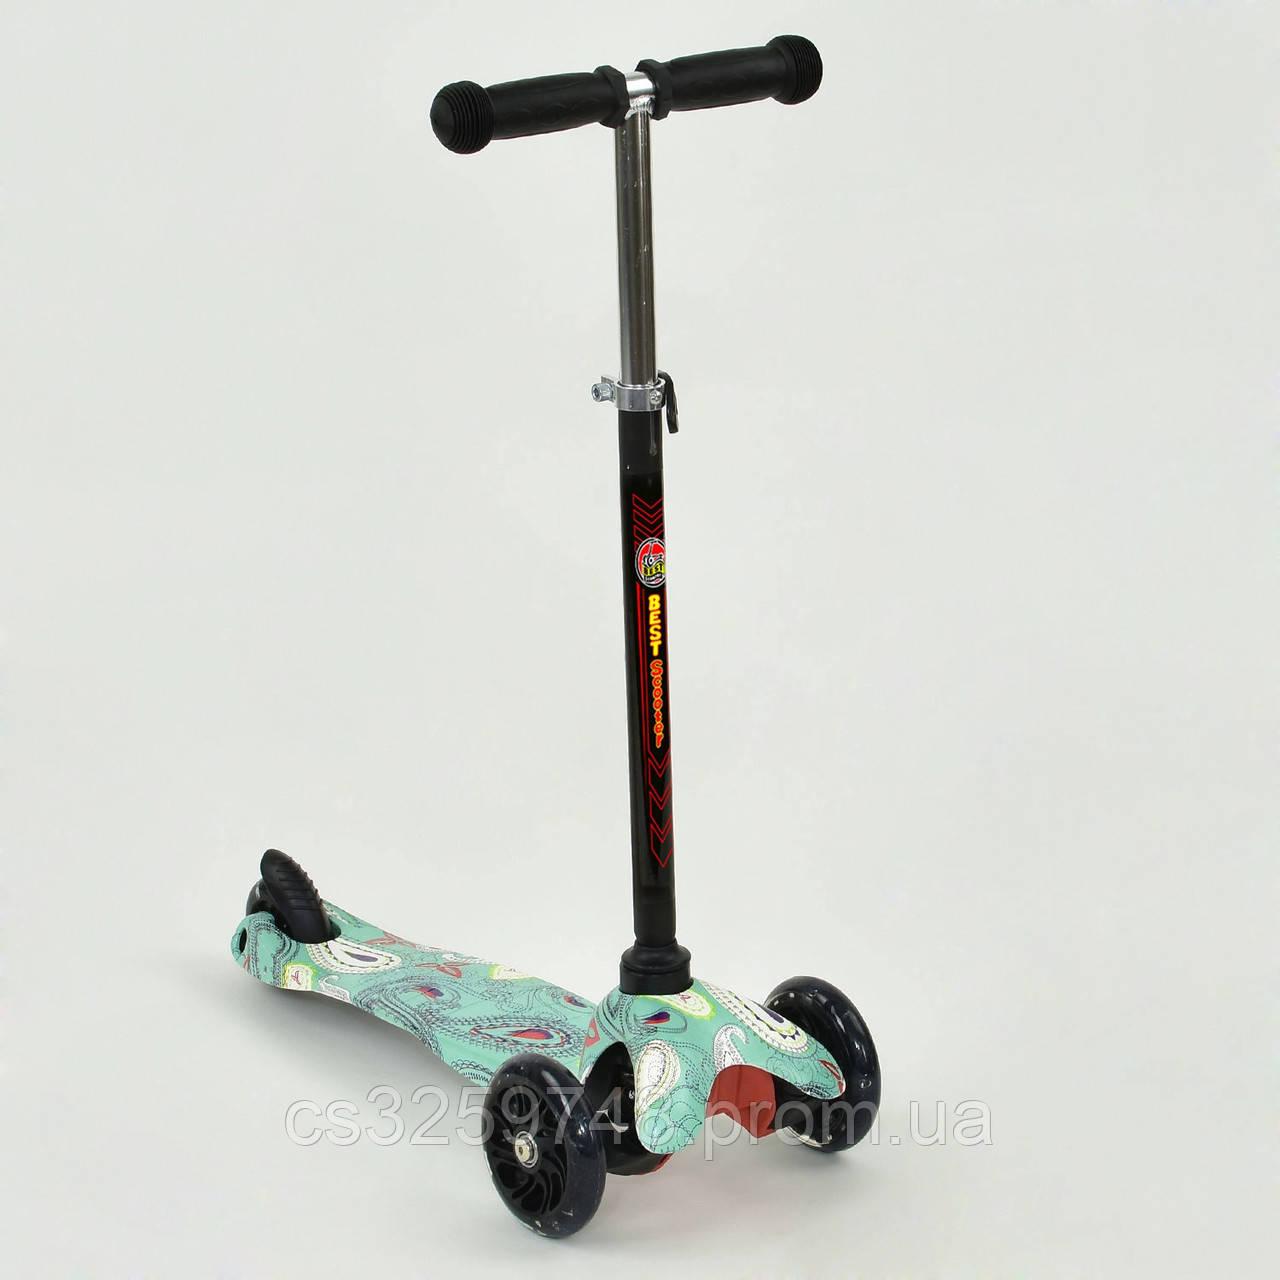 Самокат MINI Best Scooter А 24695 /779-1206